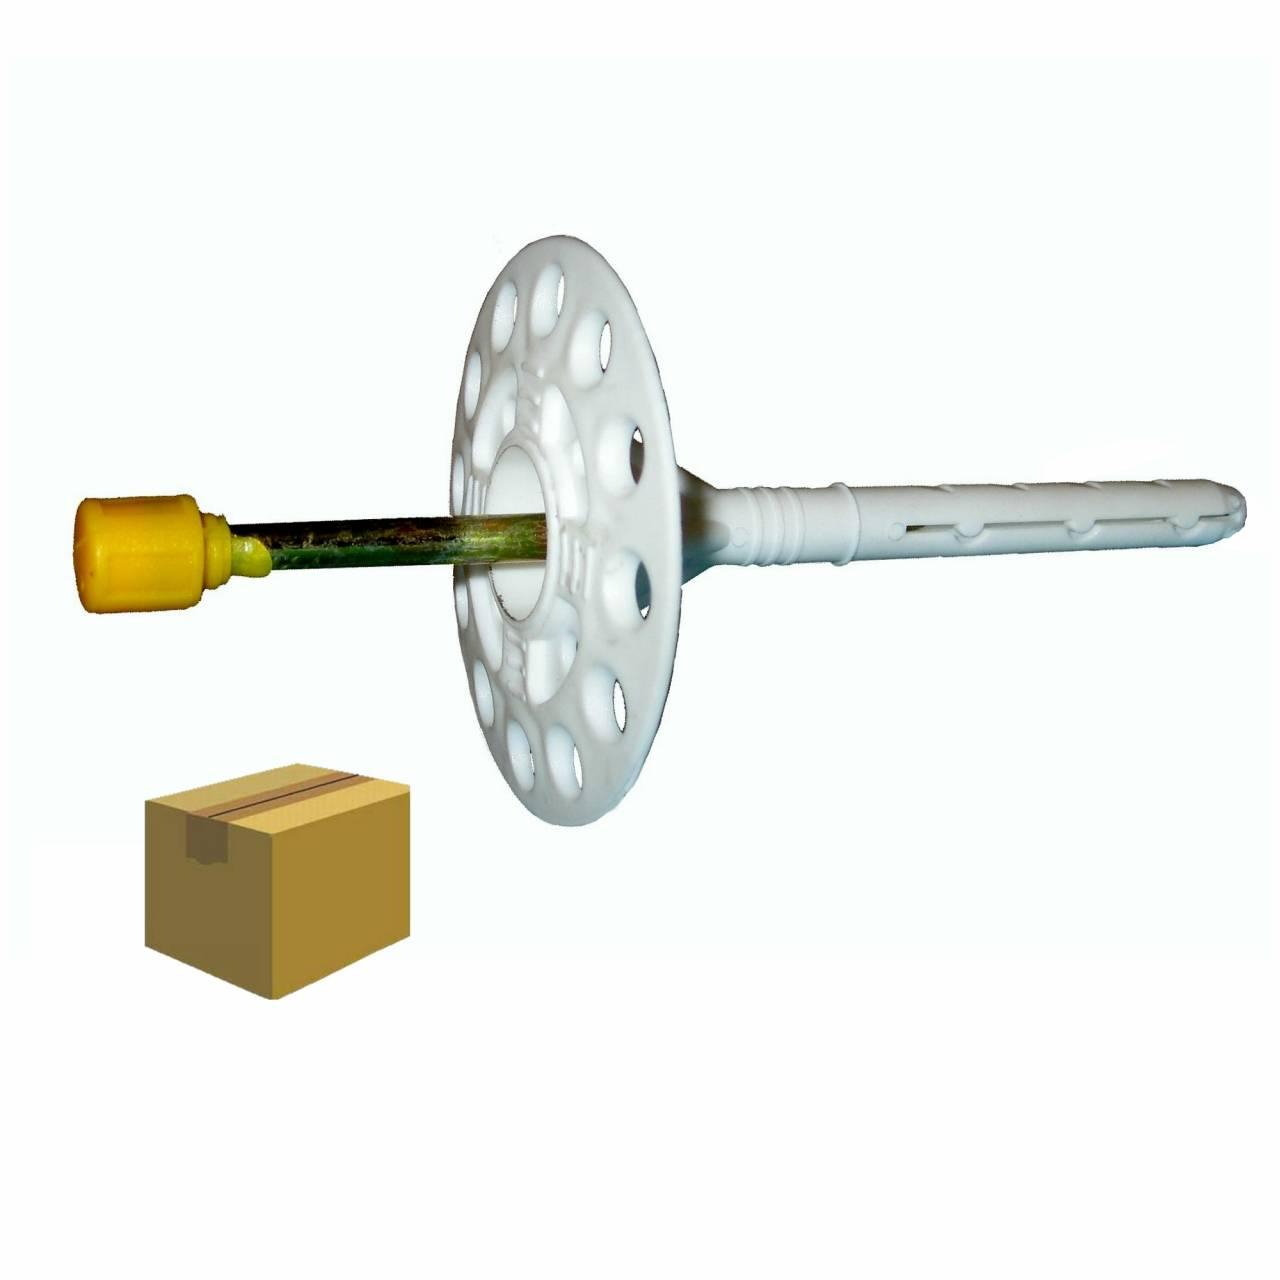 Dämmstoffdübel 'S' 8,0 x 110 mm / Krt a 250 Stück